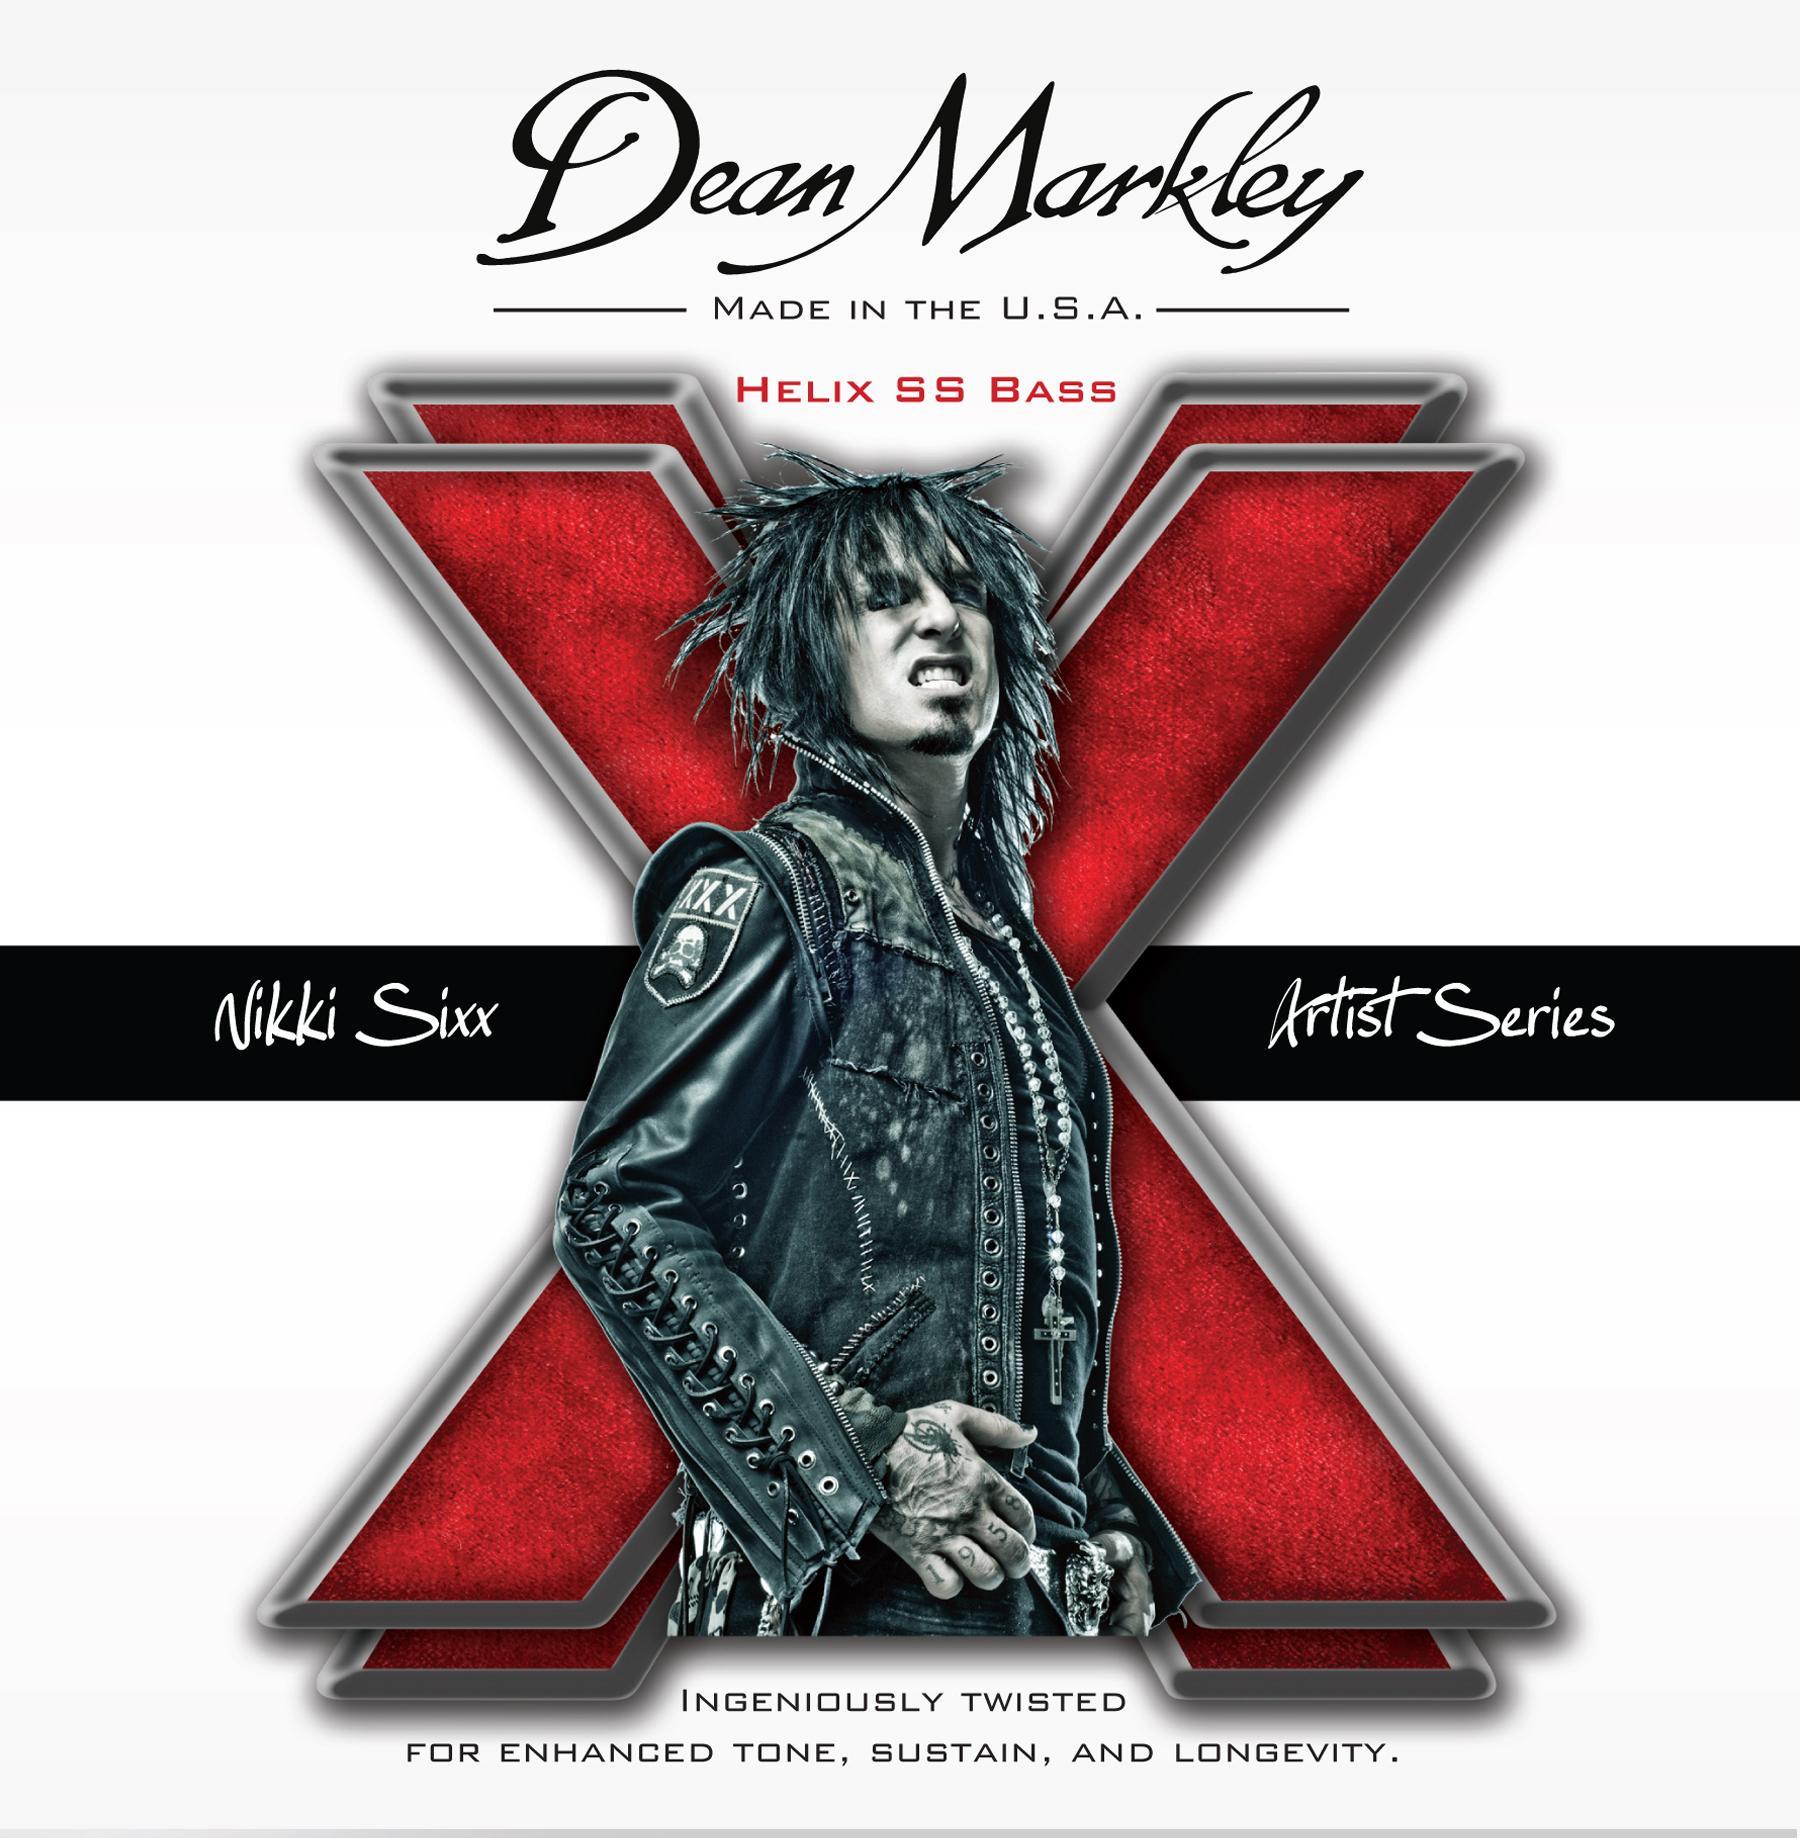 dean markley nikki sixx helix ss bass guitar strings